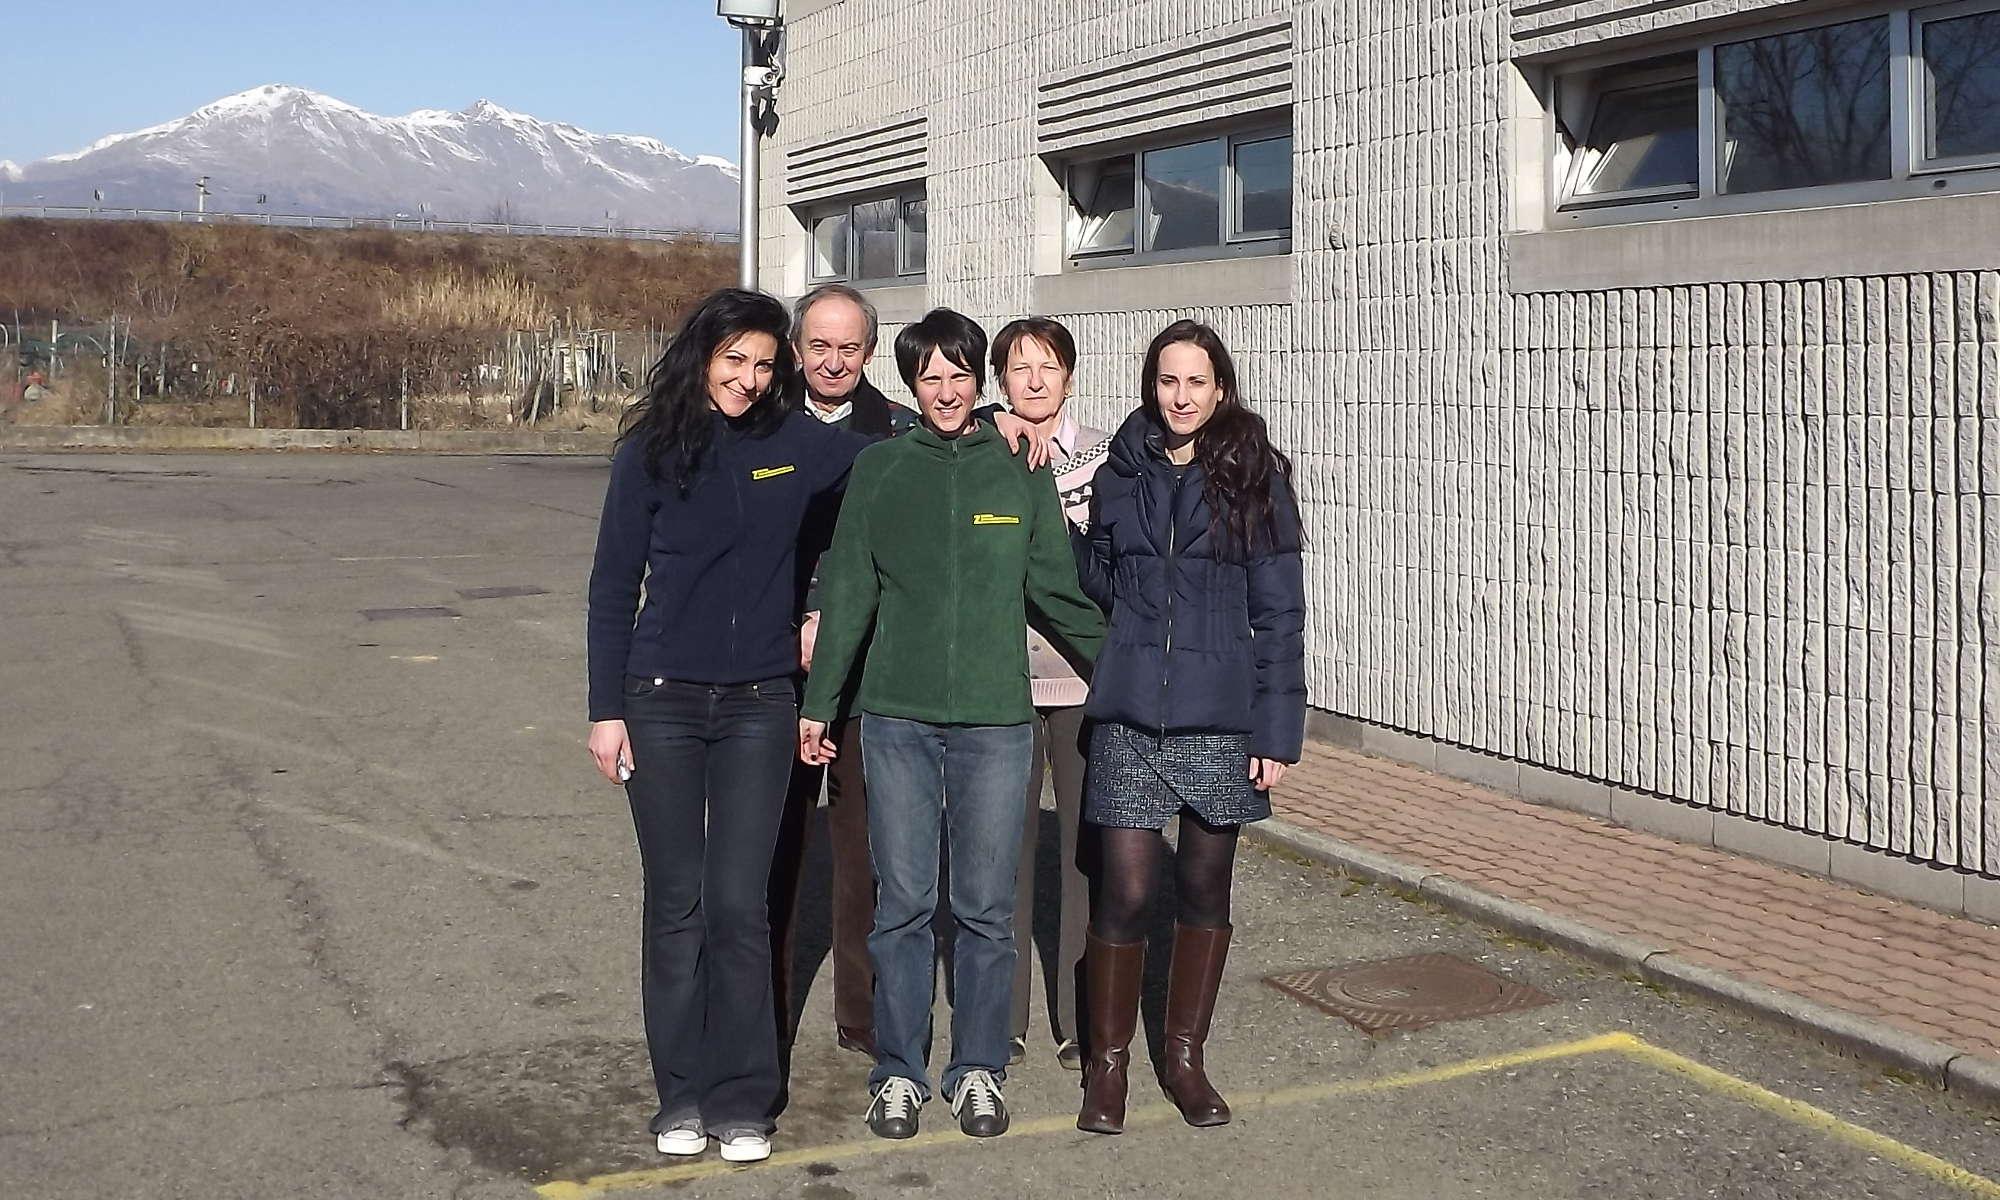 Rua family